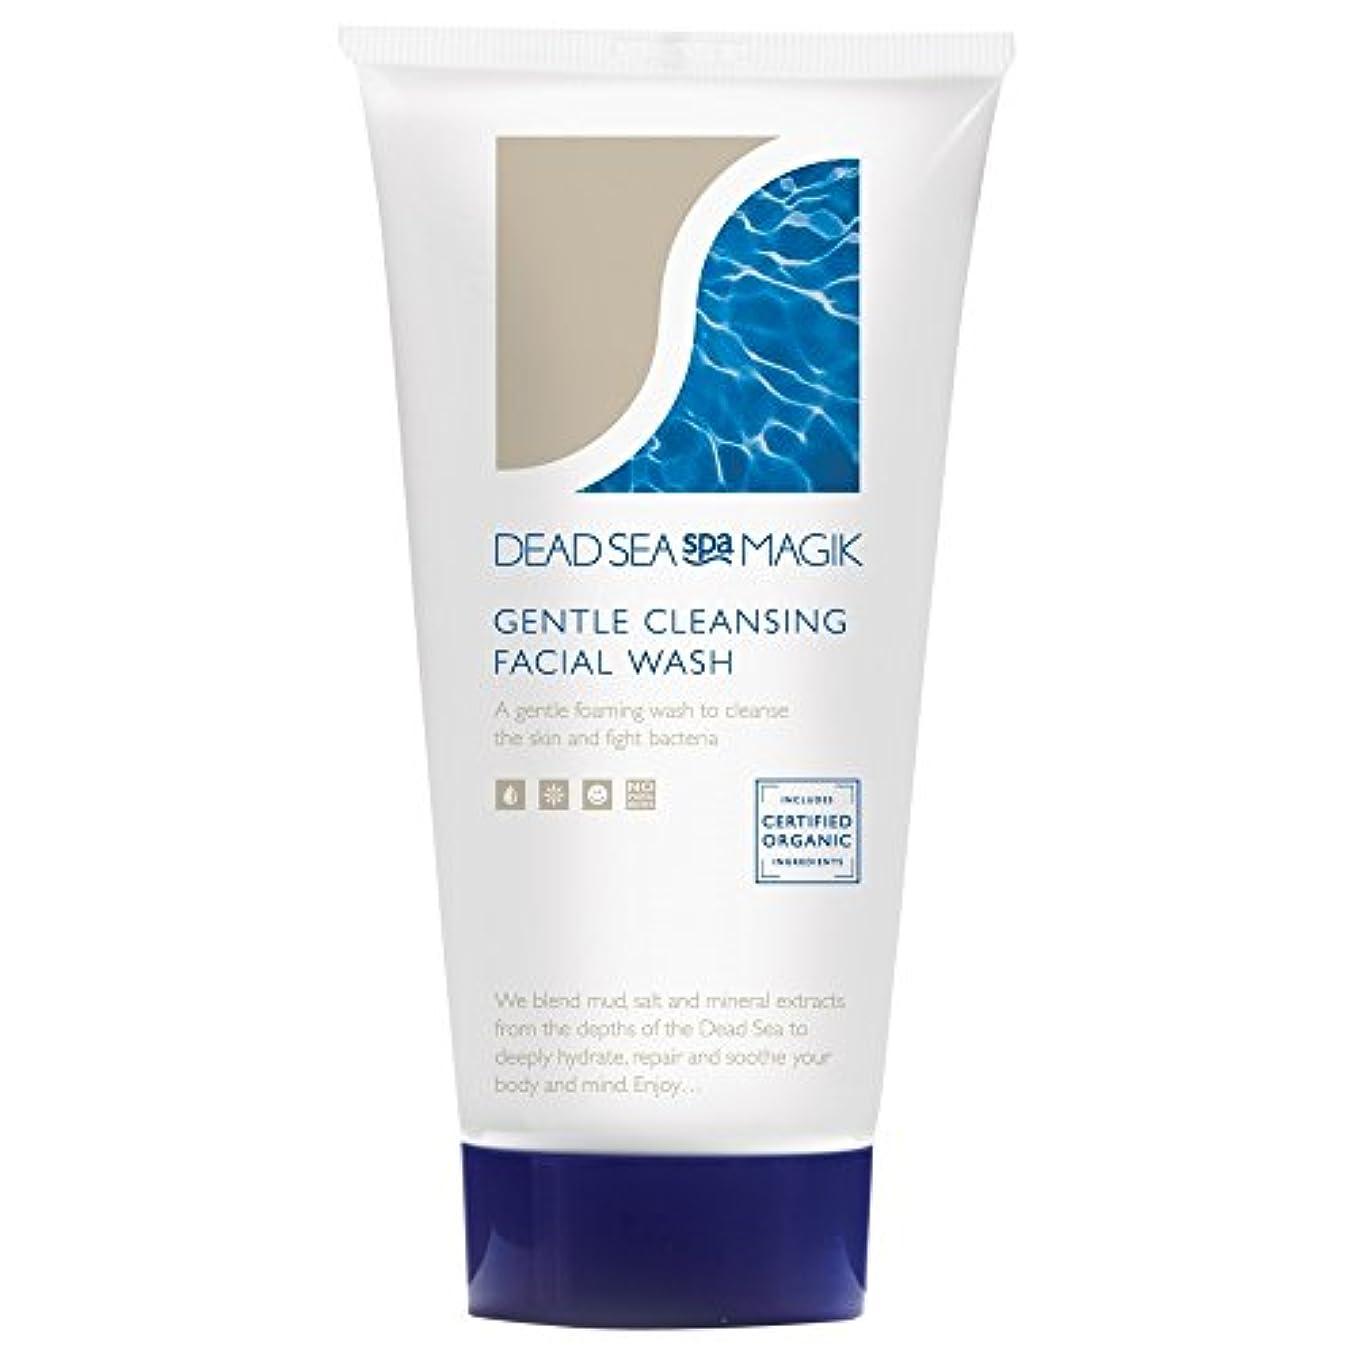 端末特徴ピック死海のスパマジック洗顔料、150ミリリットル (Dead Sea Spa Magik) (x6) - Dead Sea Spa Magik Facial Wash, 150ml (Pack of 6) [並行輸入品]